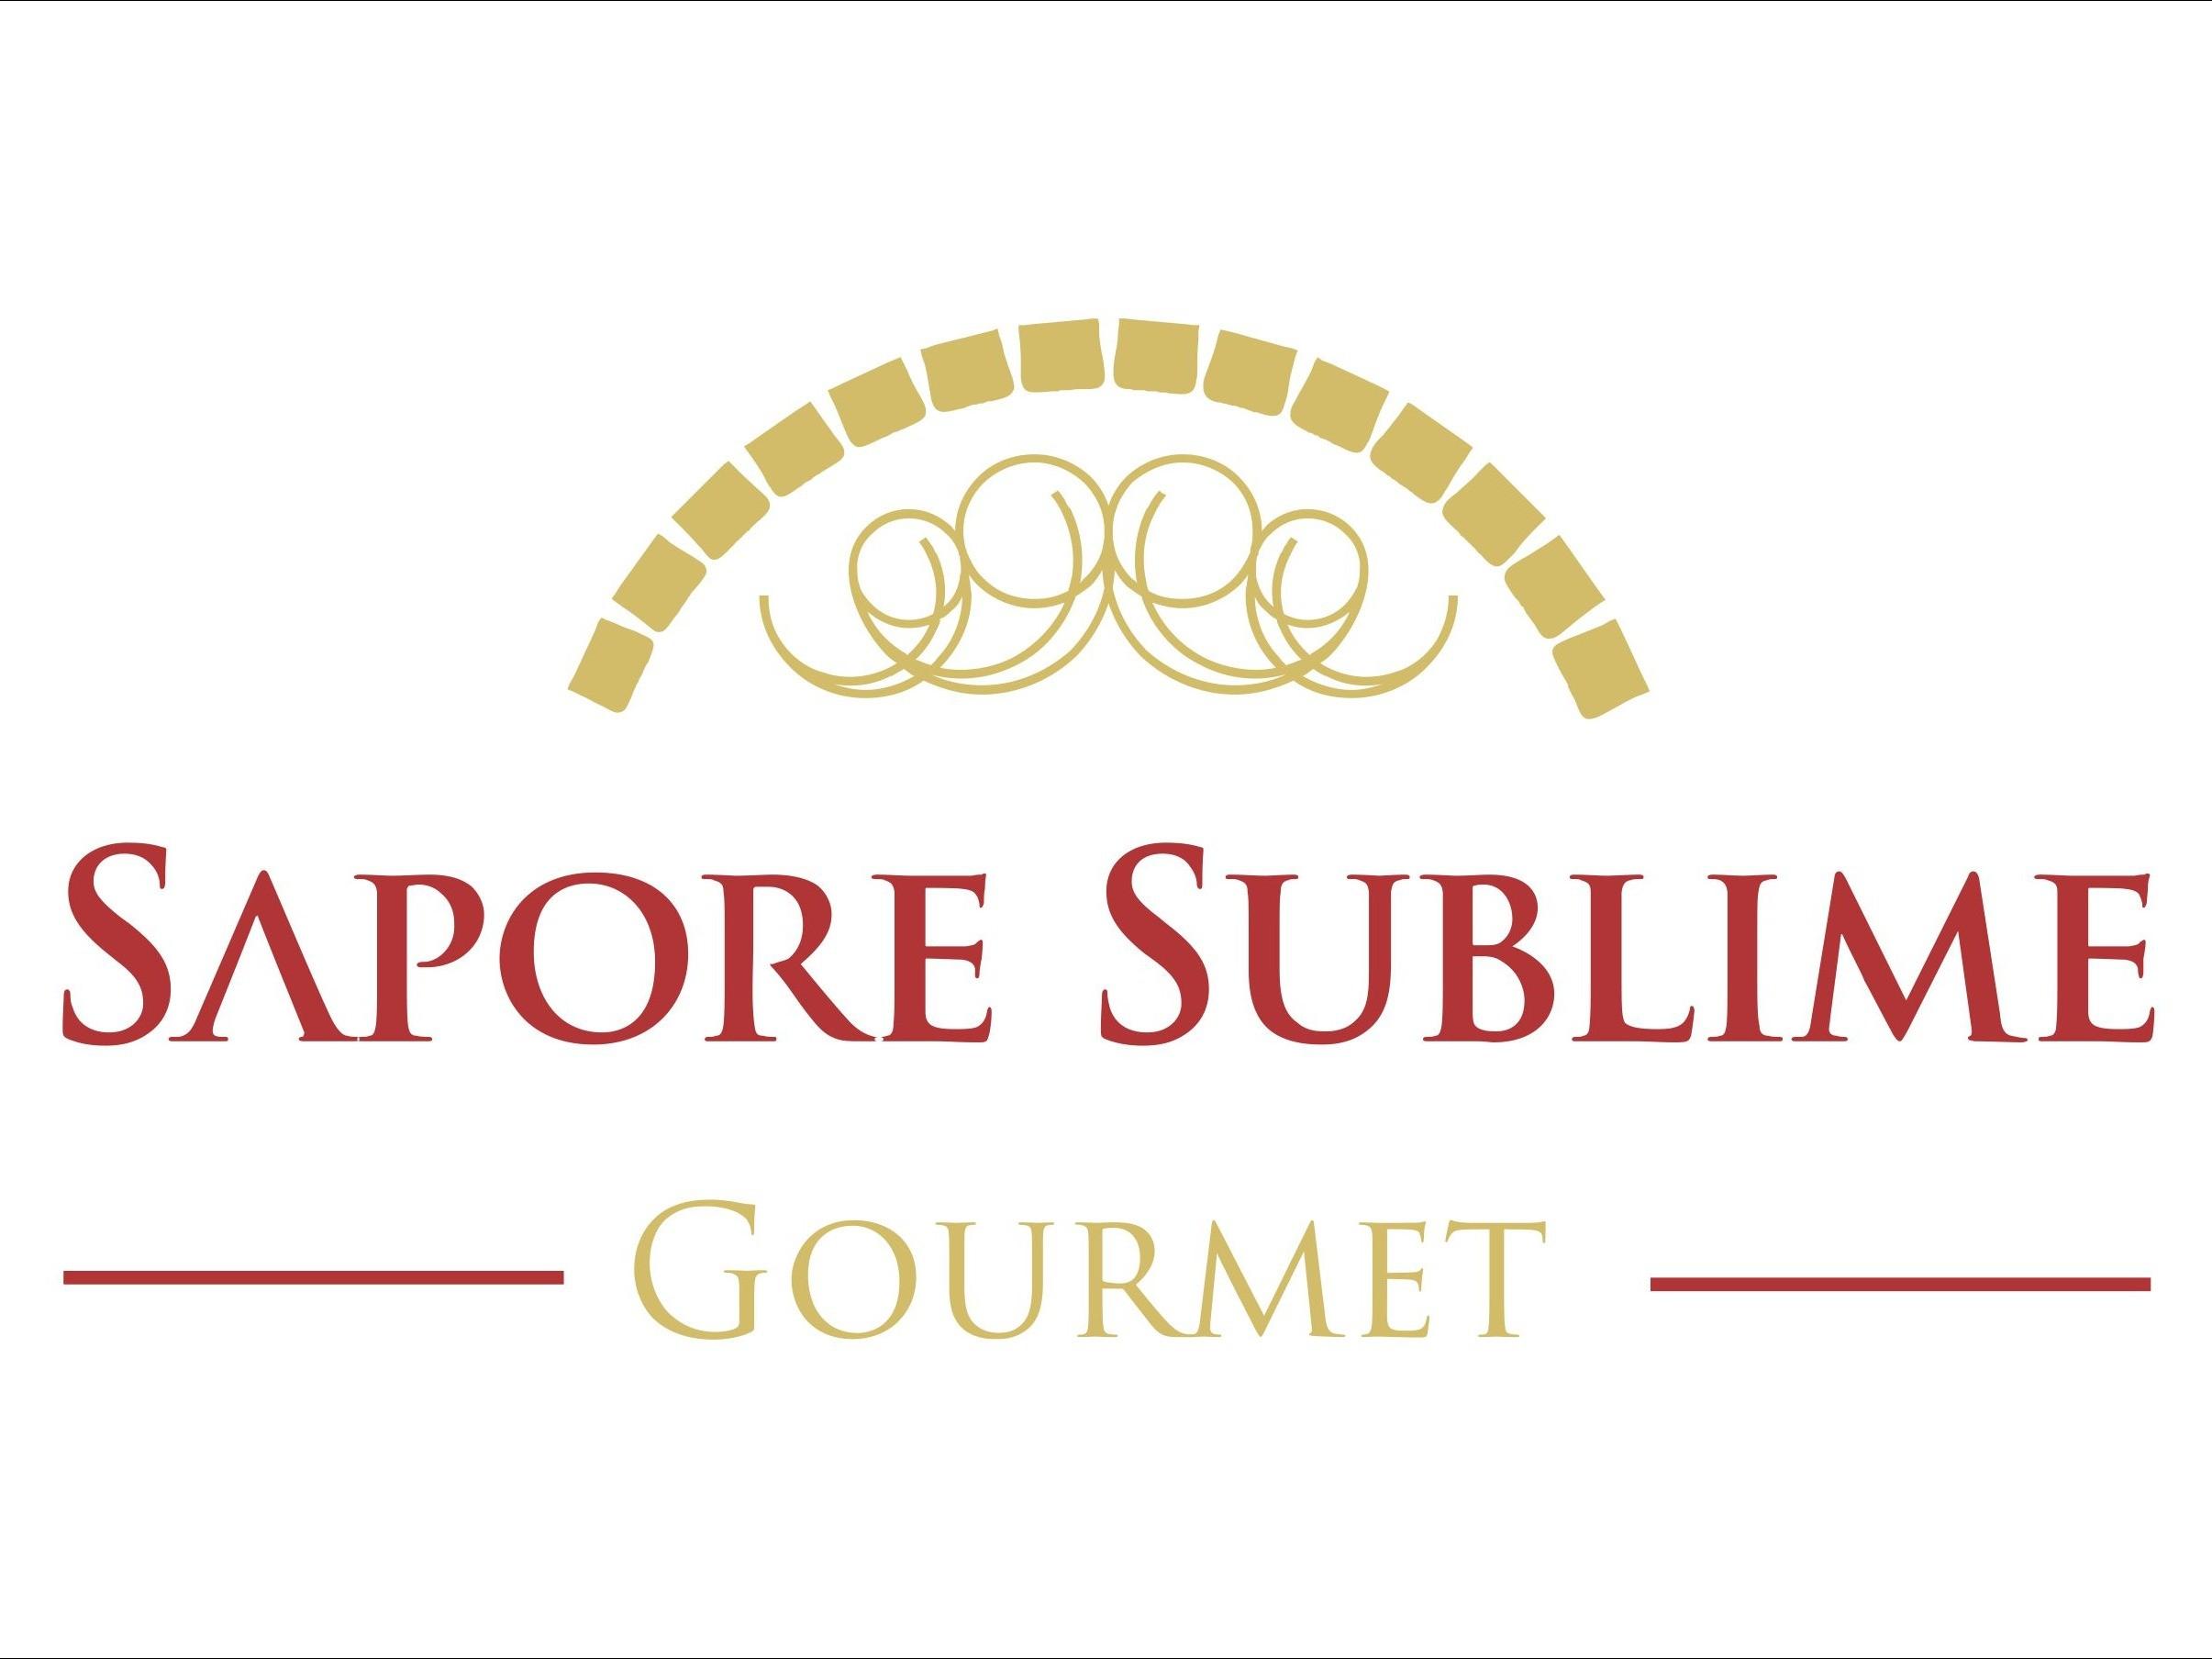 Logotipo Pizzaria Sapore Sublime Gourmet